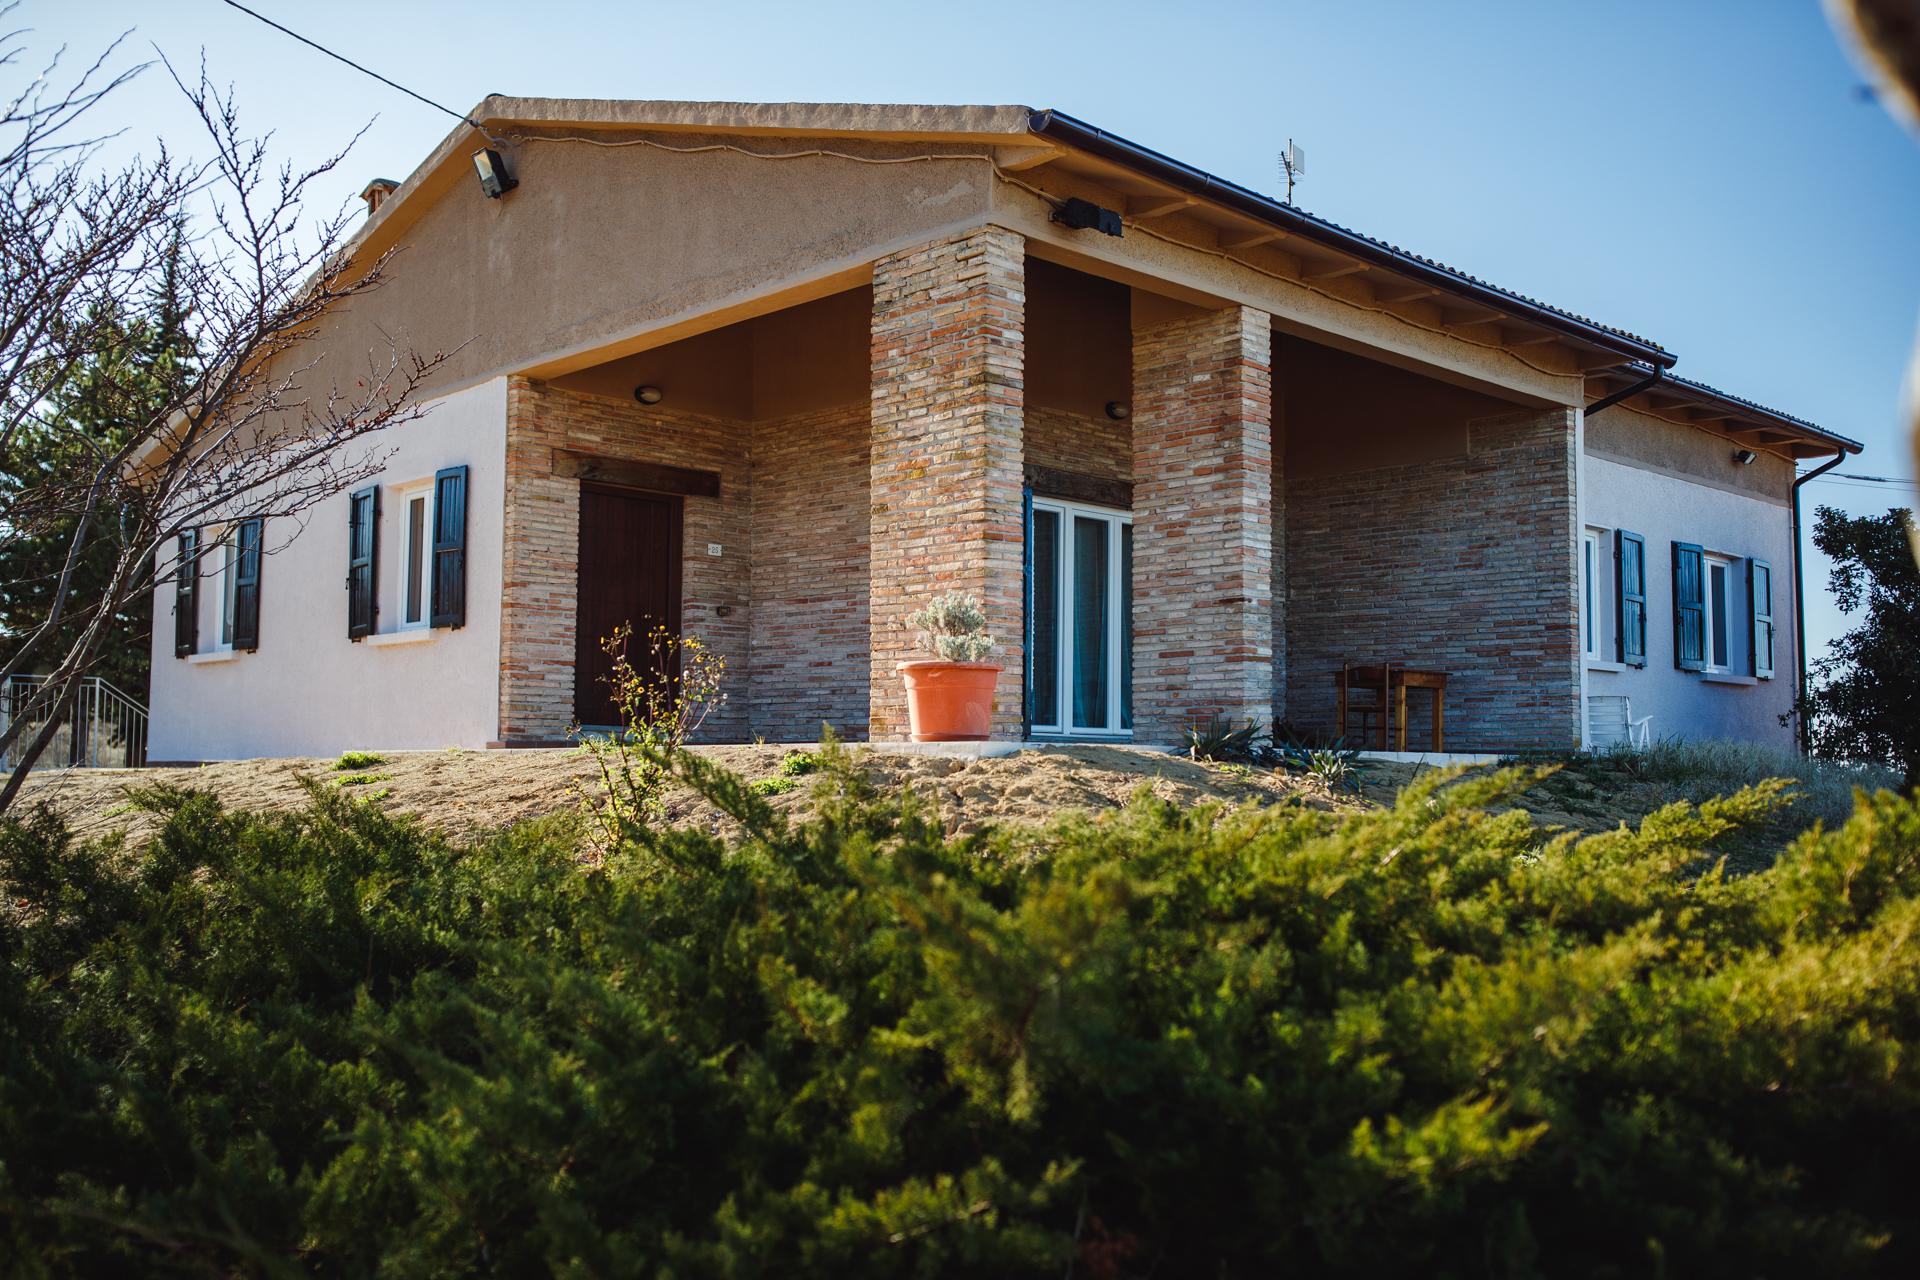 Case Vacanze Le Radici Villa in affitto